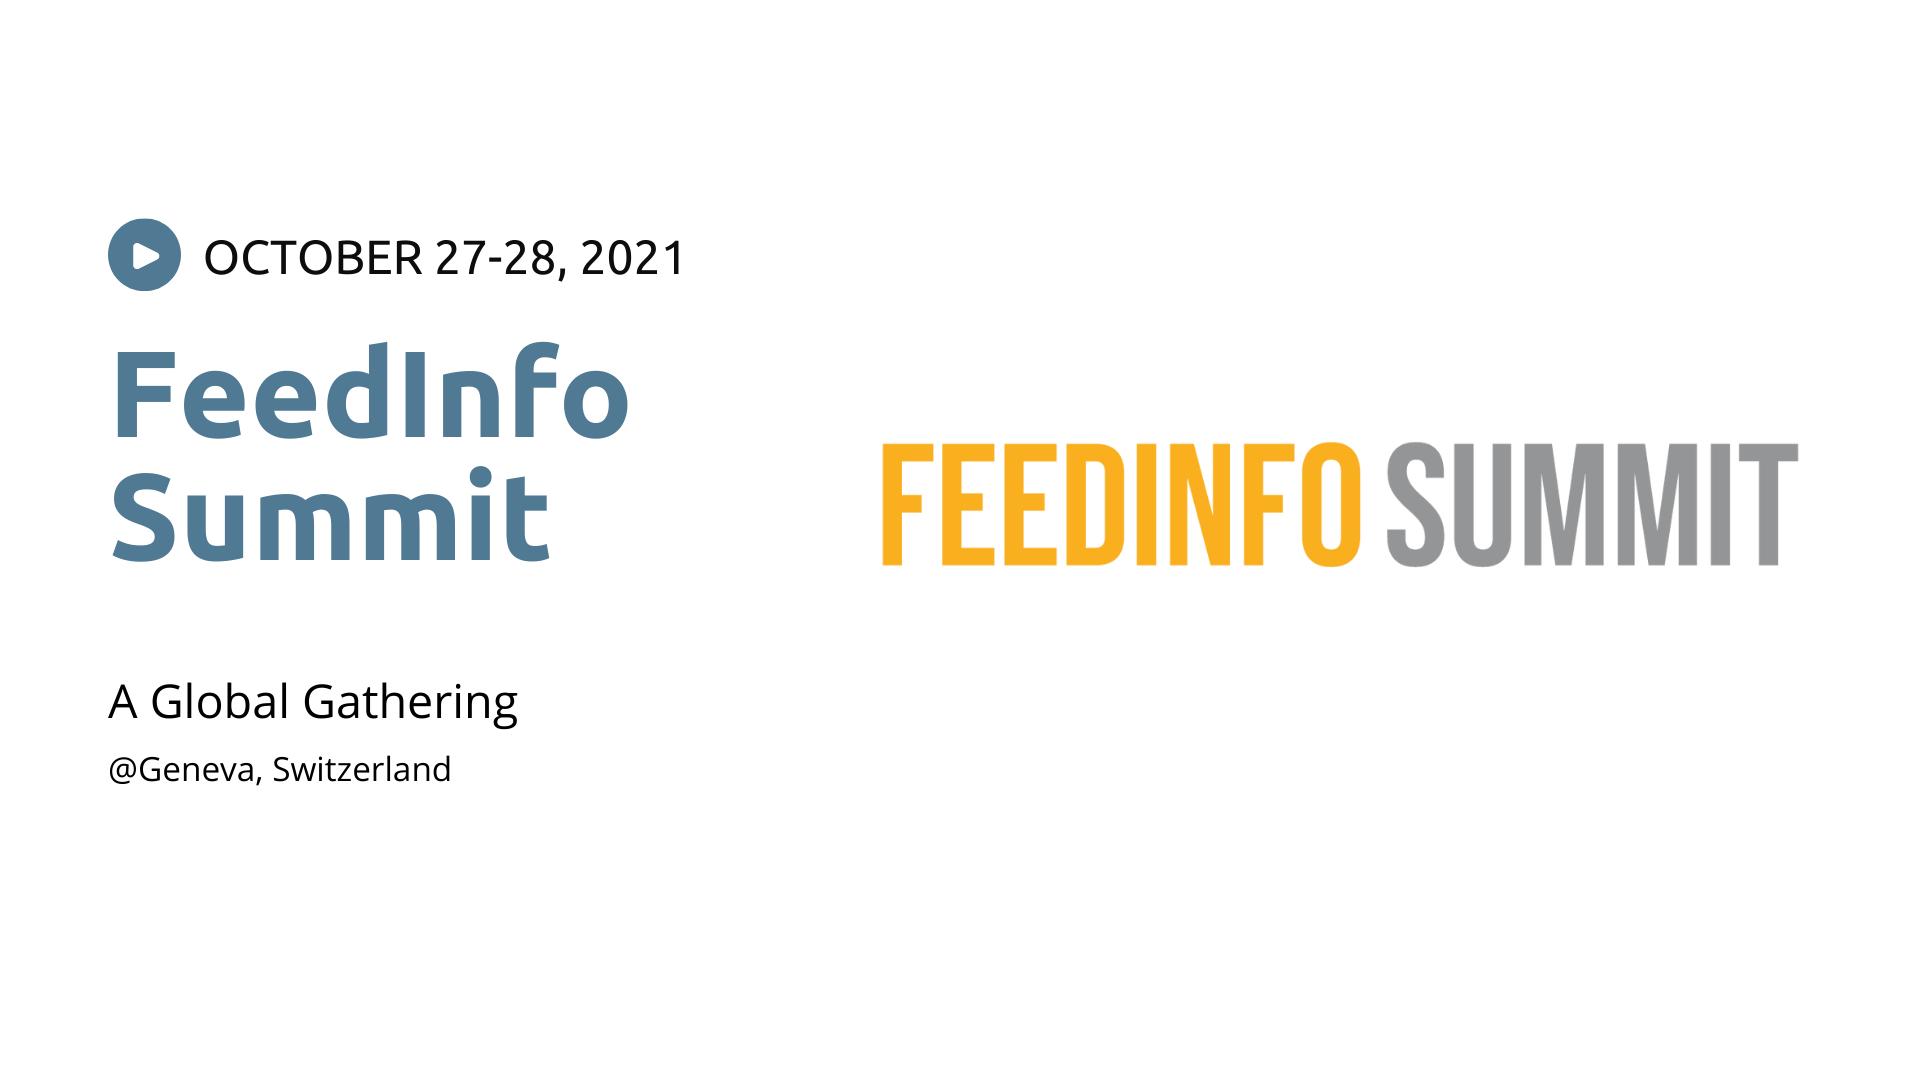 FeedInfo Summit 2021